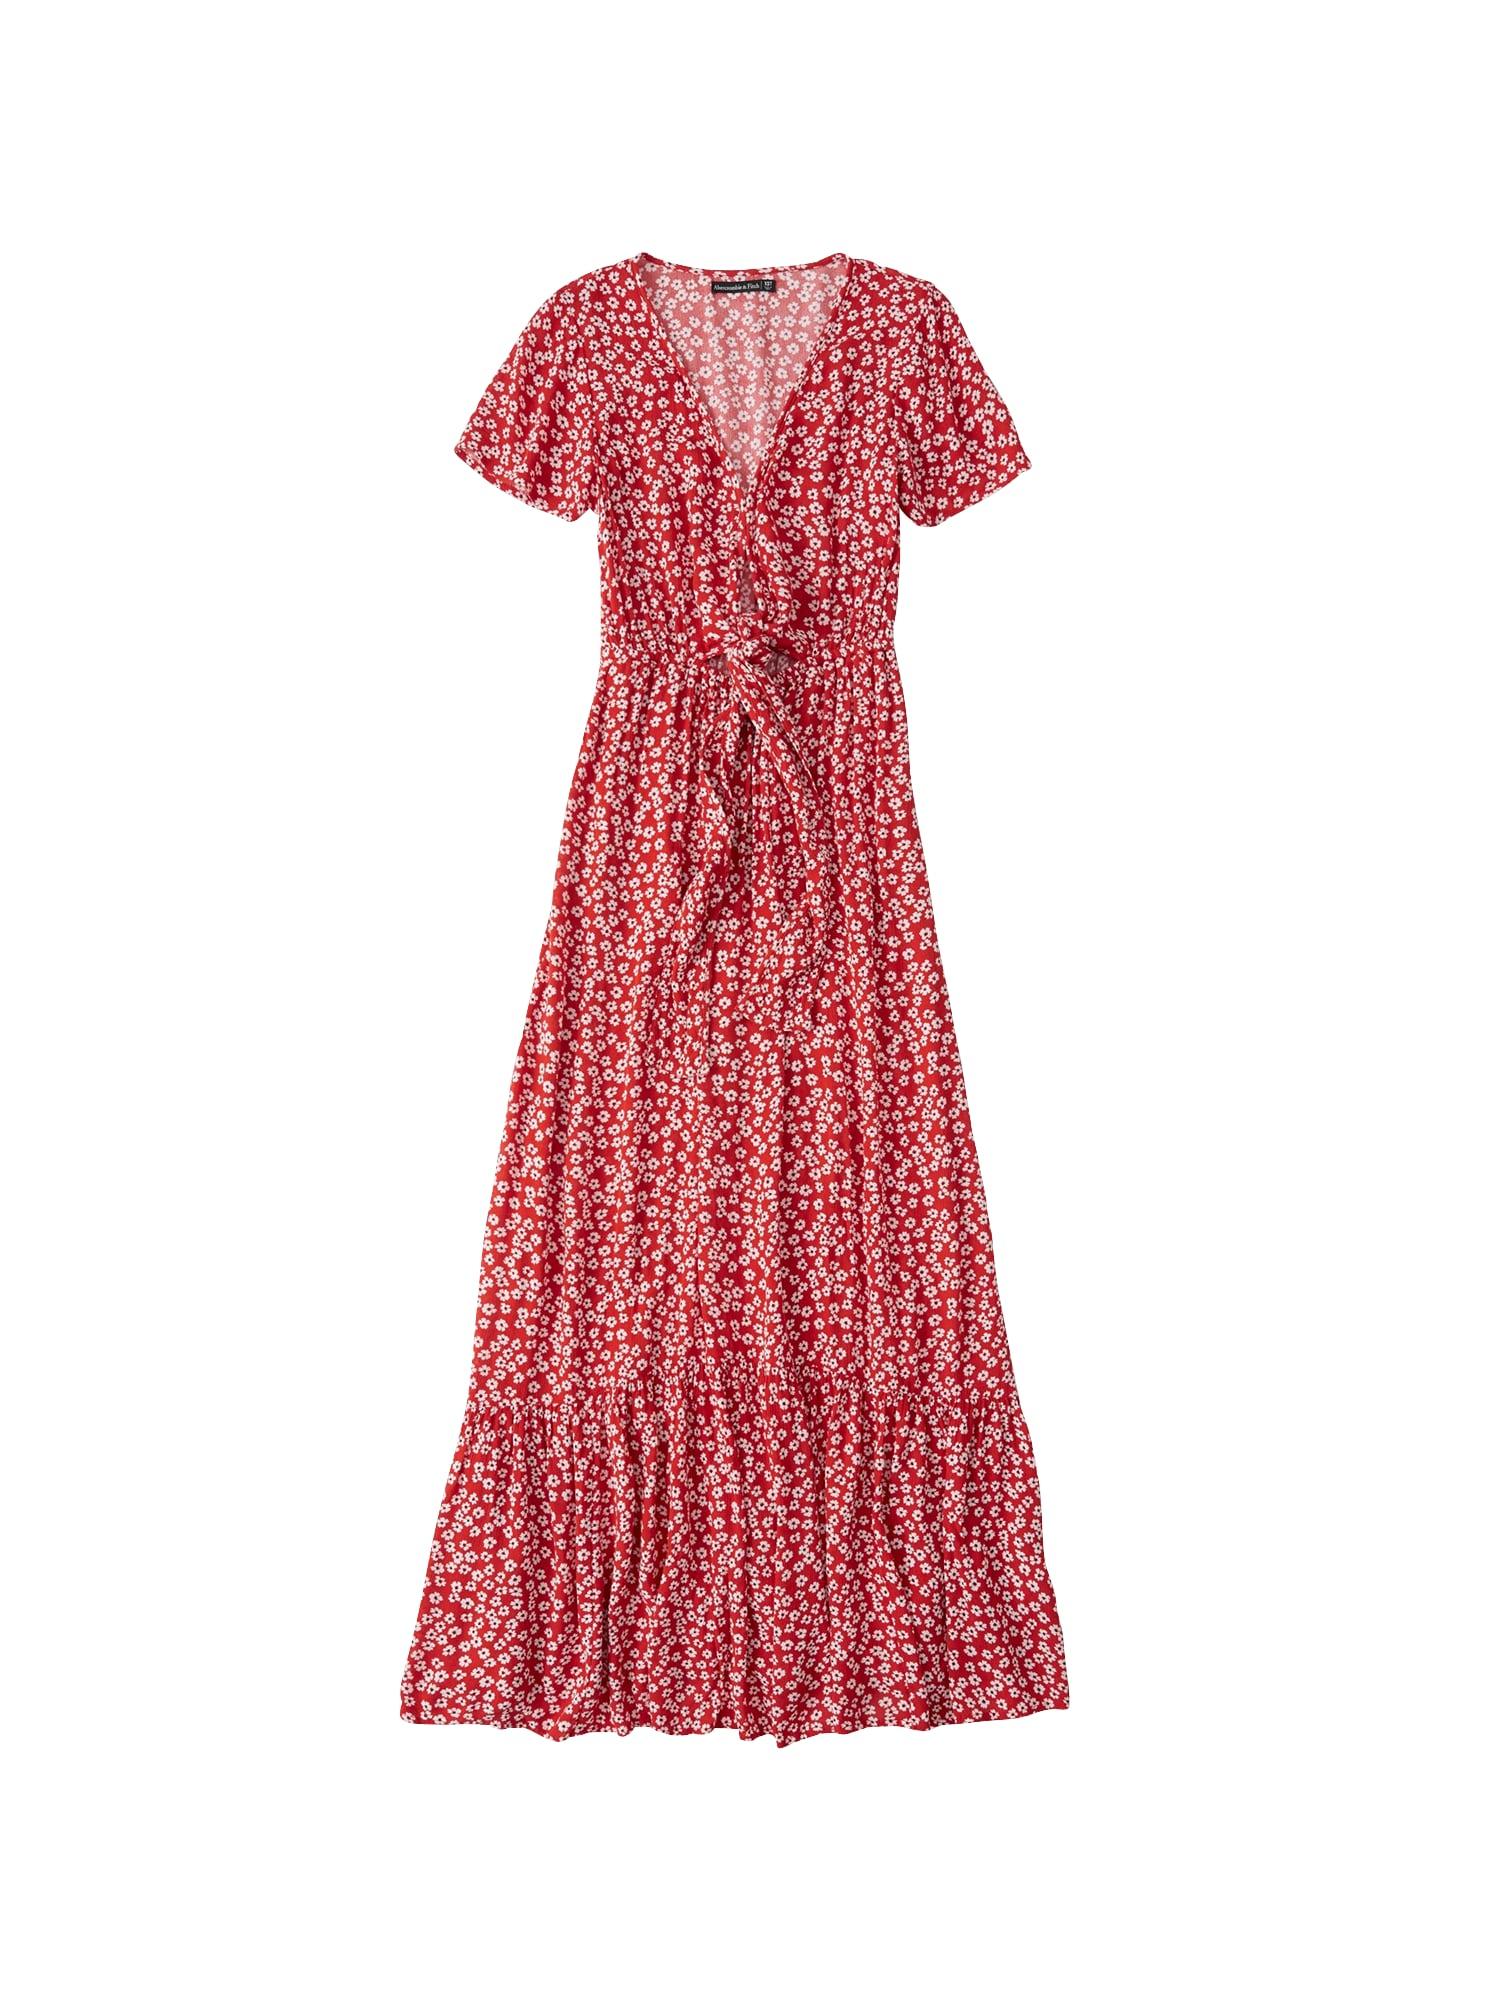 Letní šaty rot weiß Abercrombie & Fitch